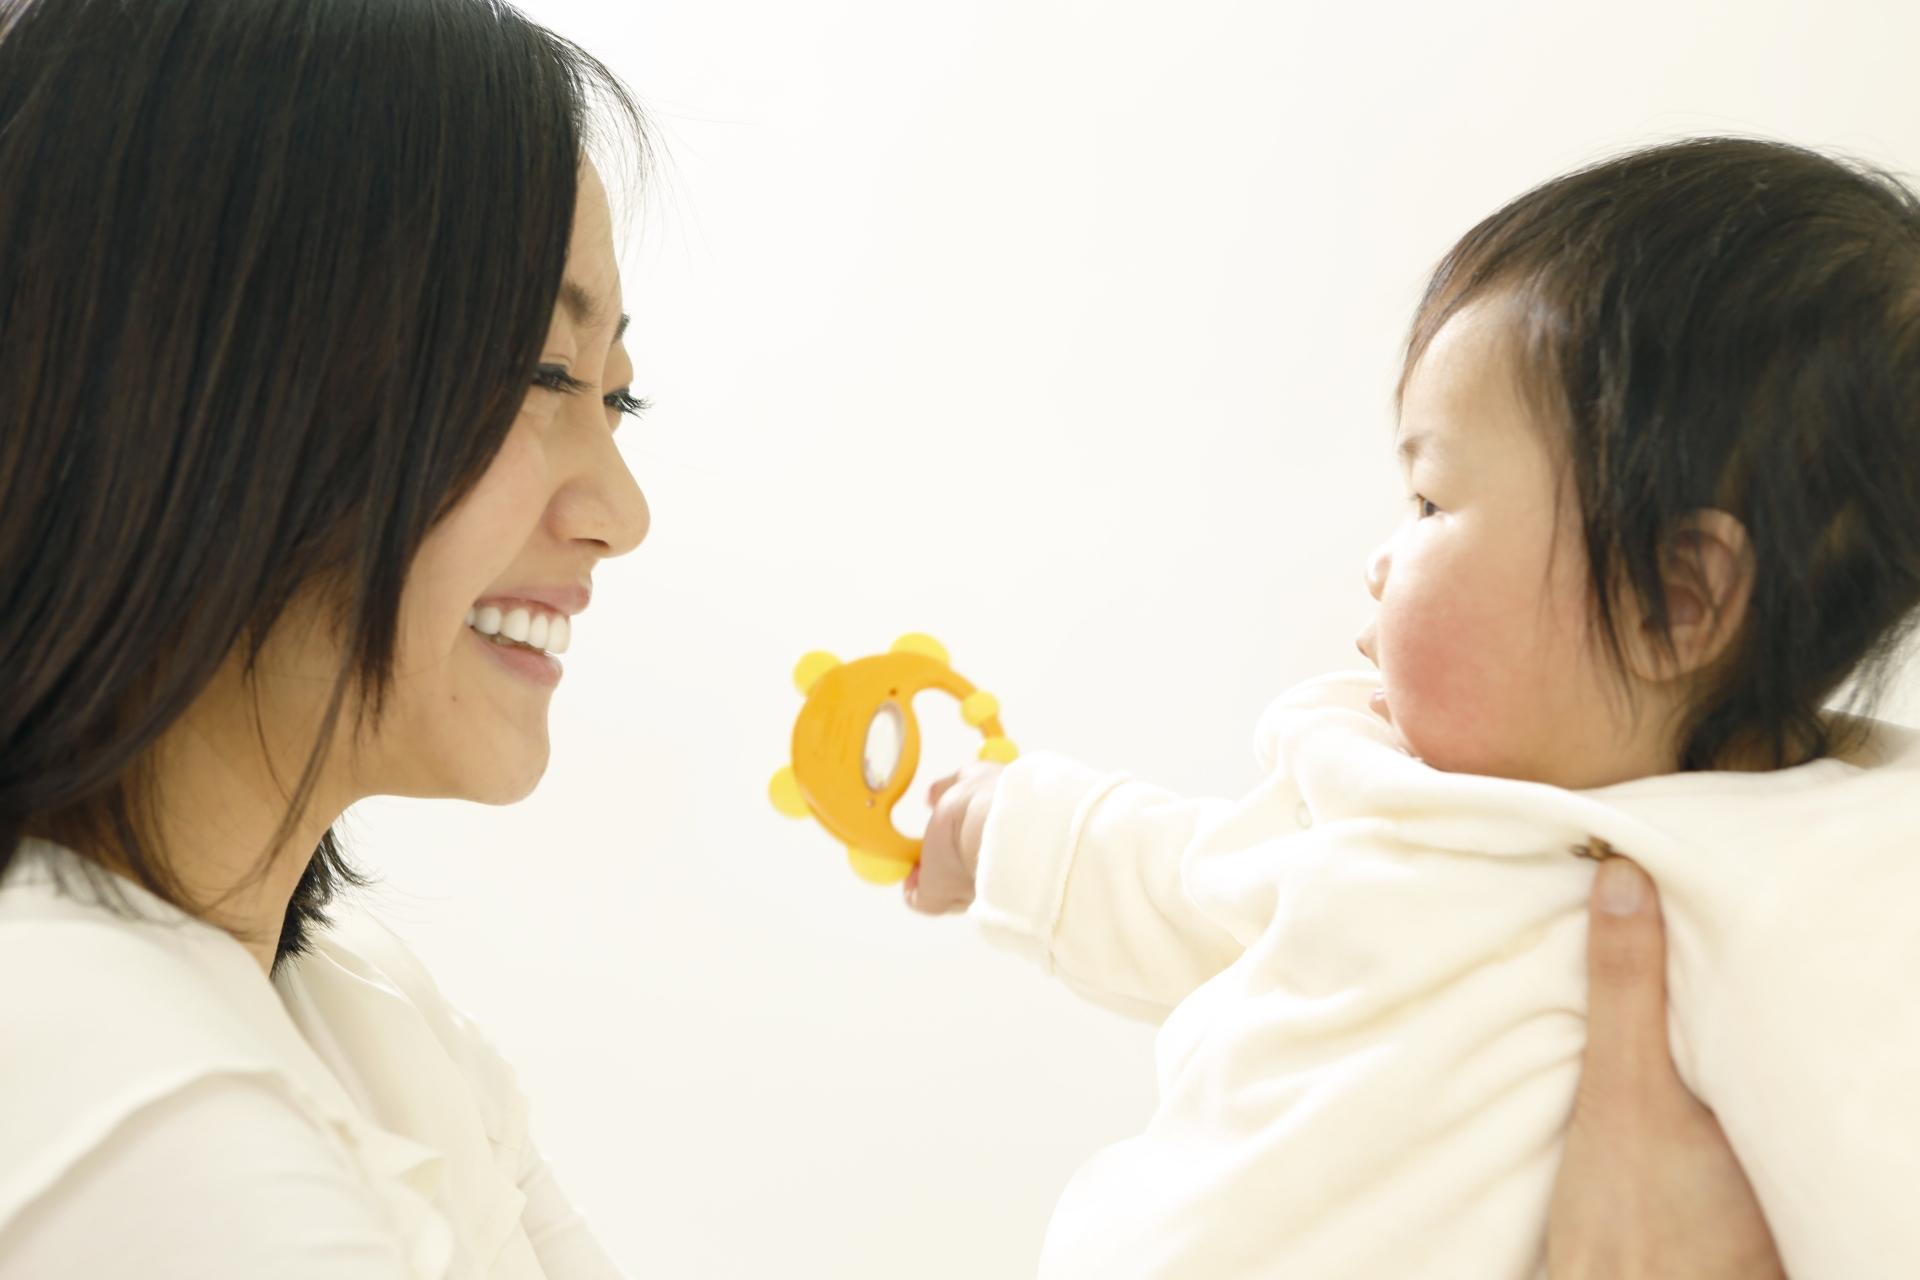 939a5c9d788a2d1a05e53a723ad56b45 m 母親がアトピーだと80%の子どもがアトピーに?